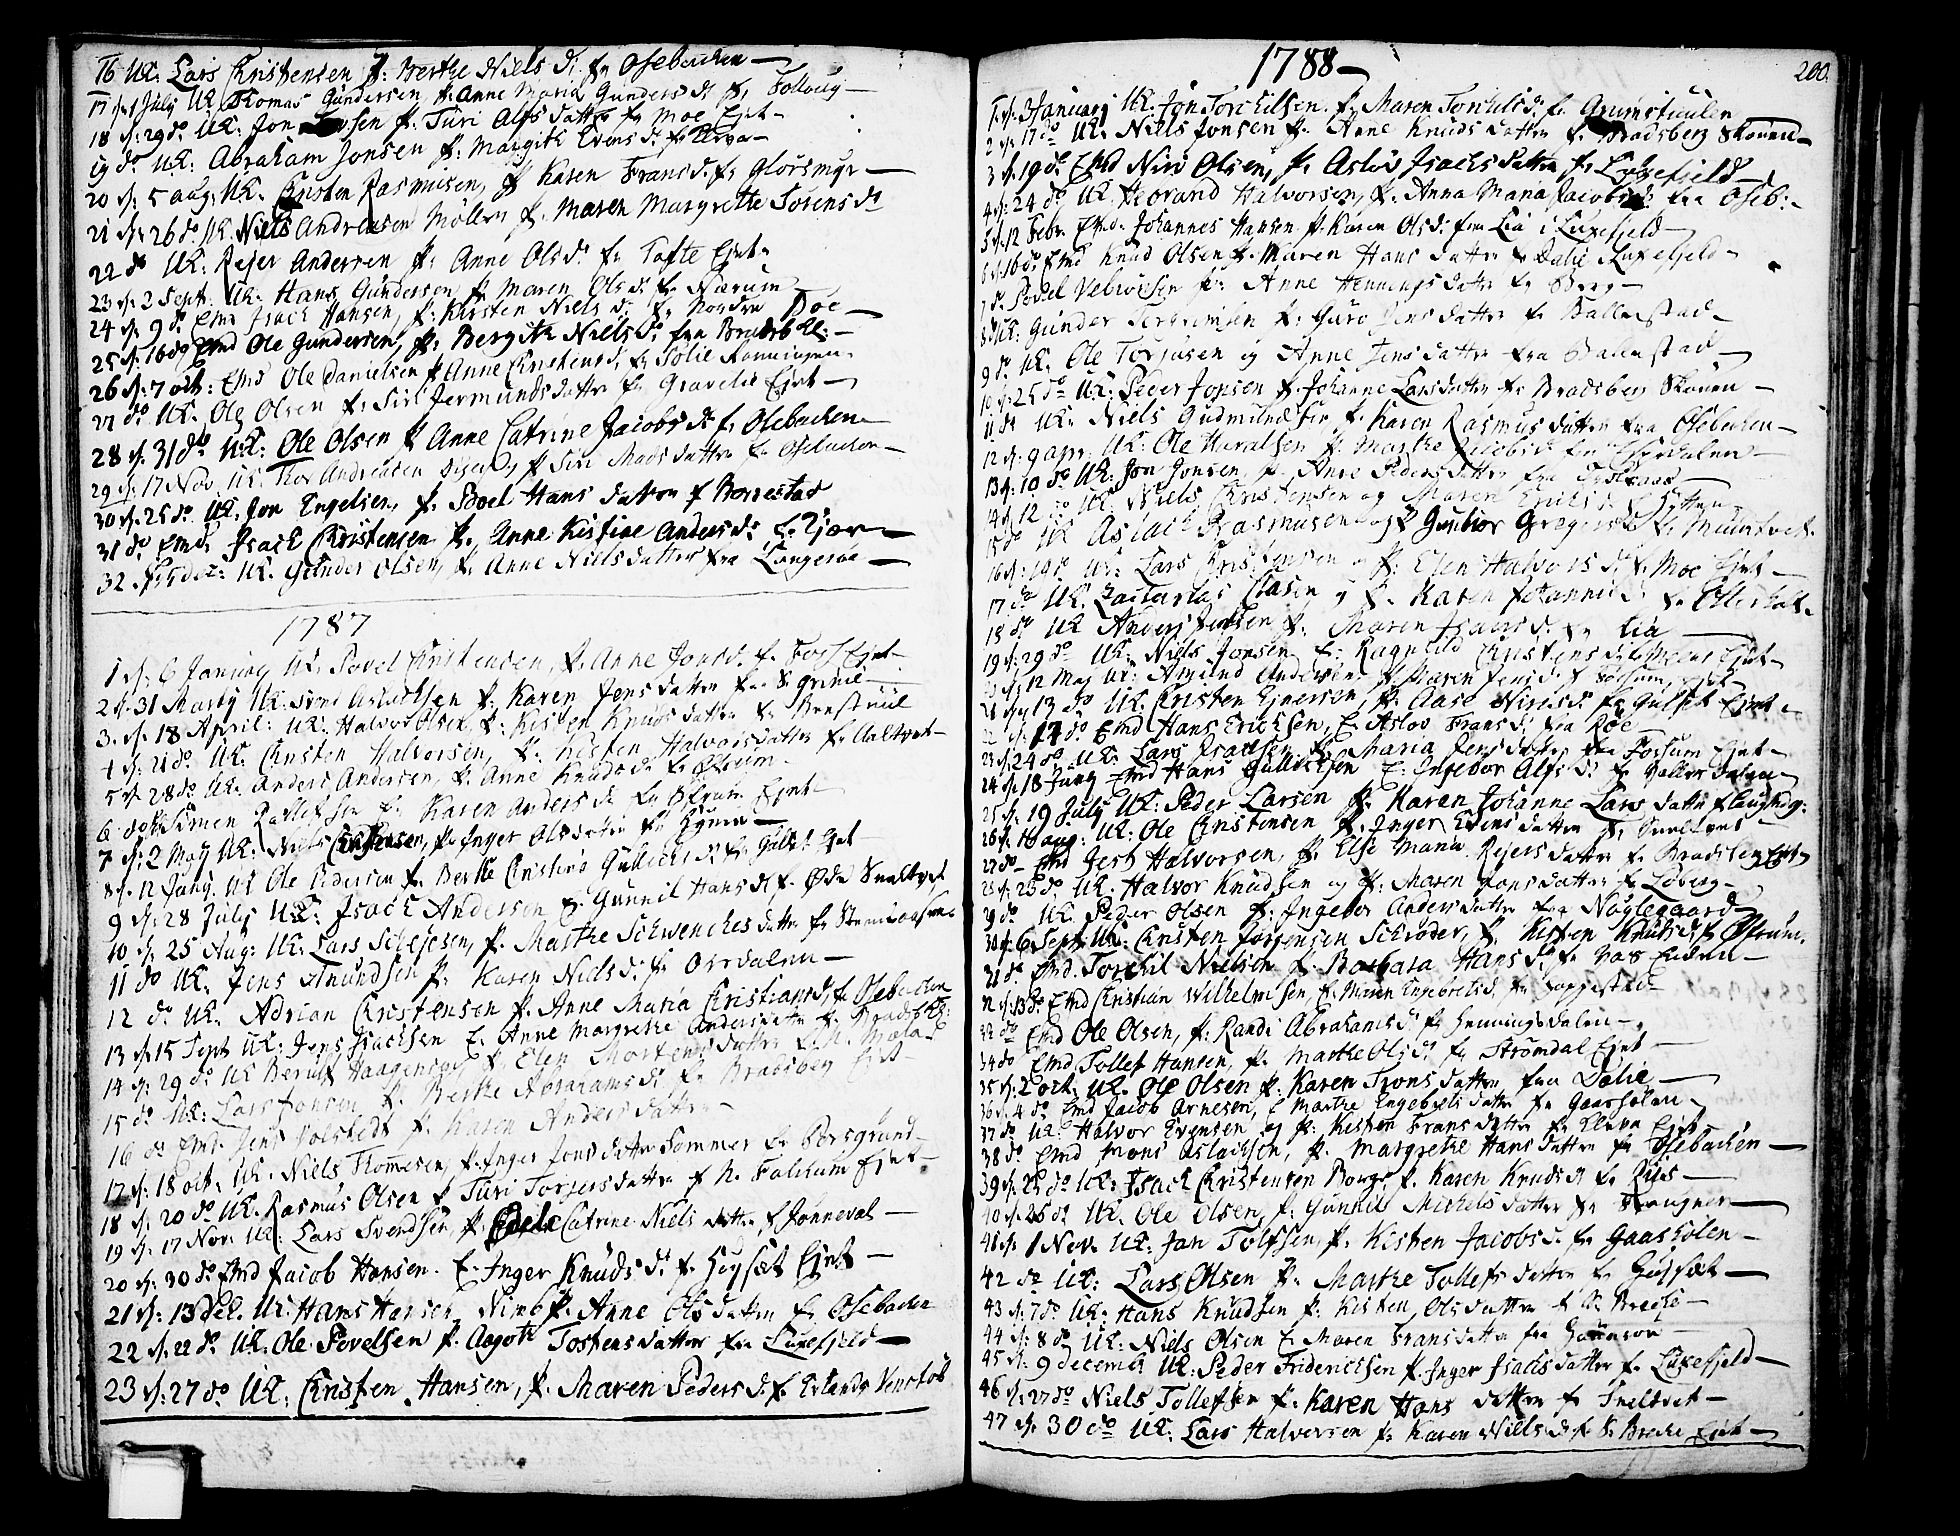 SAKO, Gjerpen kirkebøker, F/Fa/L0002: Ministerialbok nr. 2, 1747-1795, s. 200